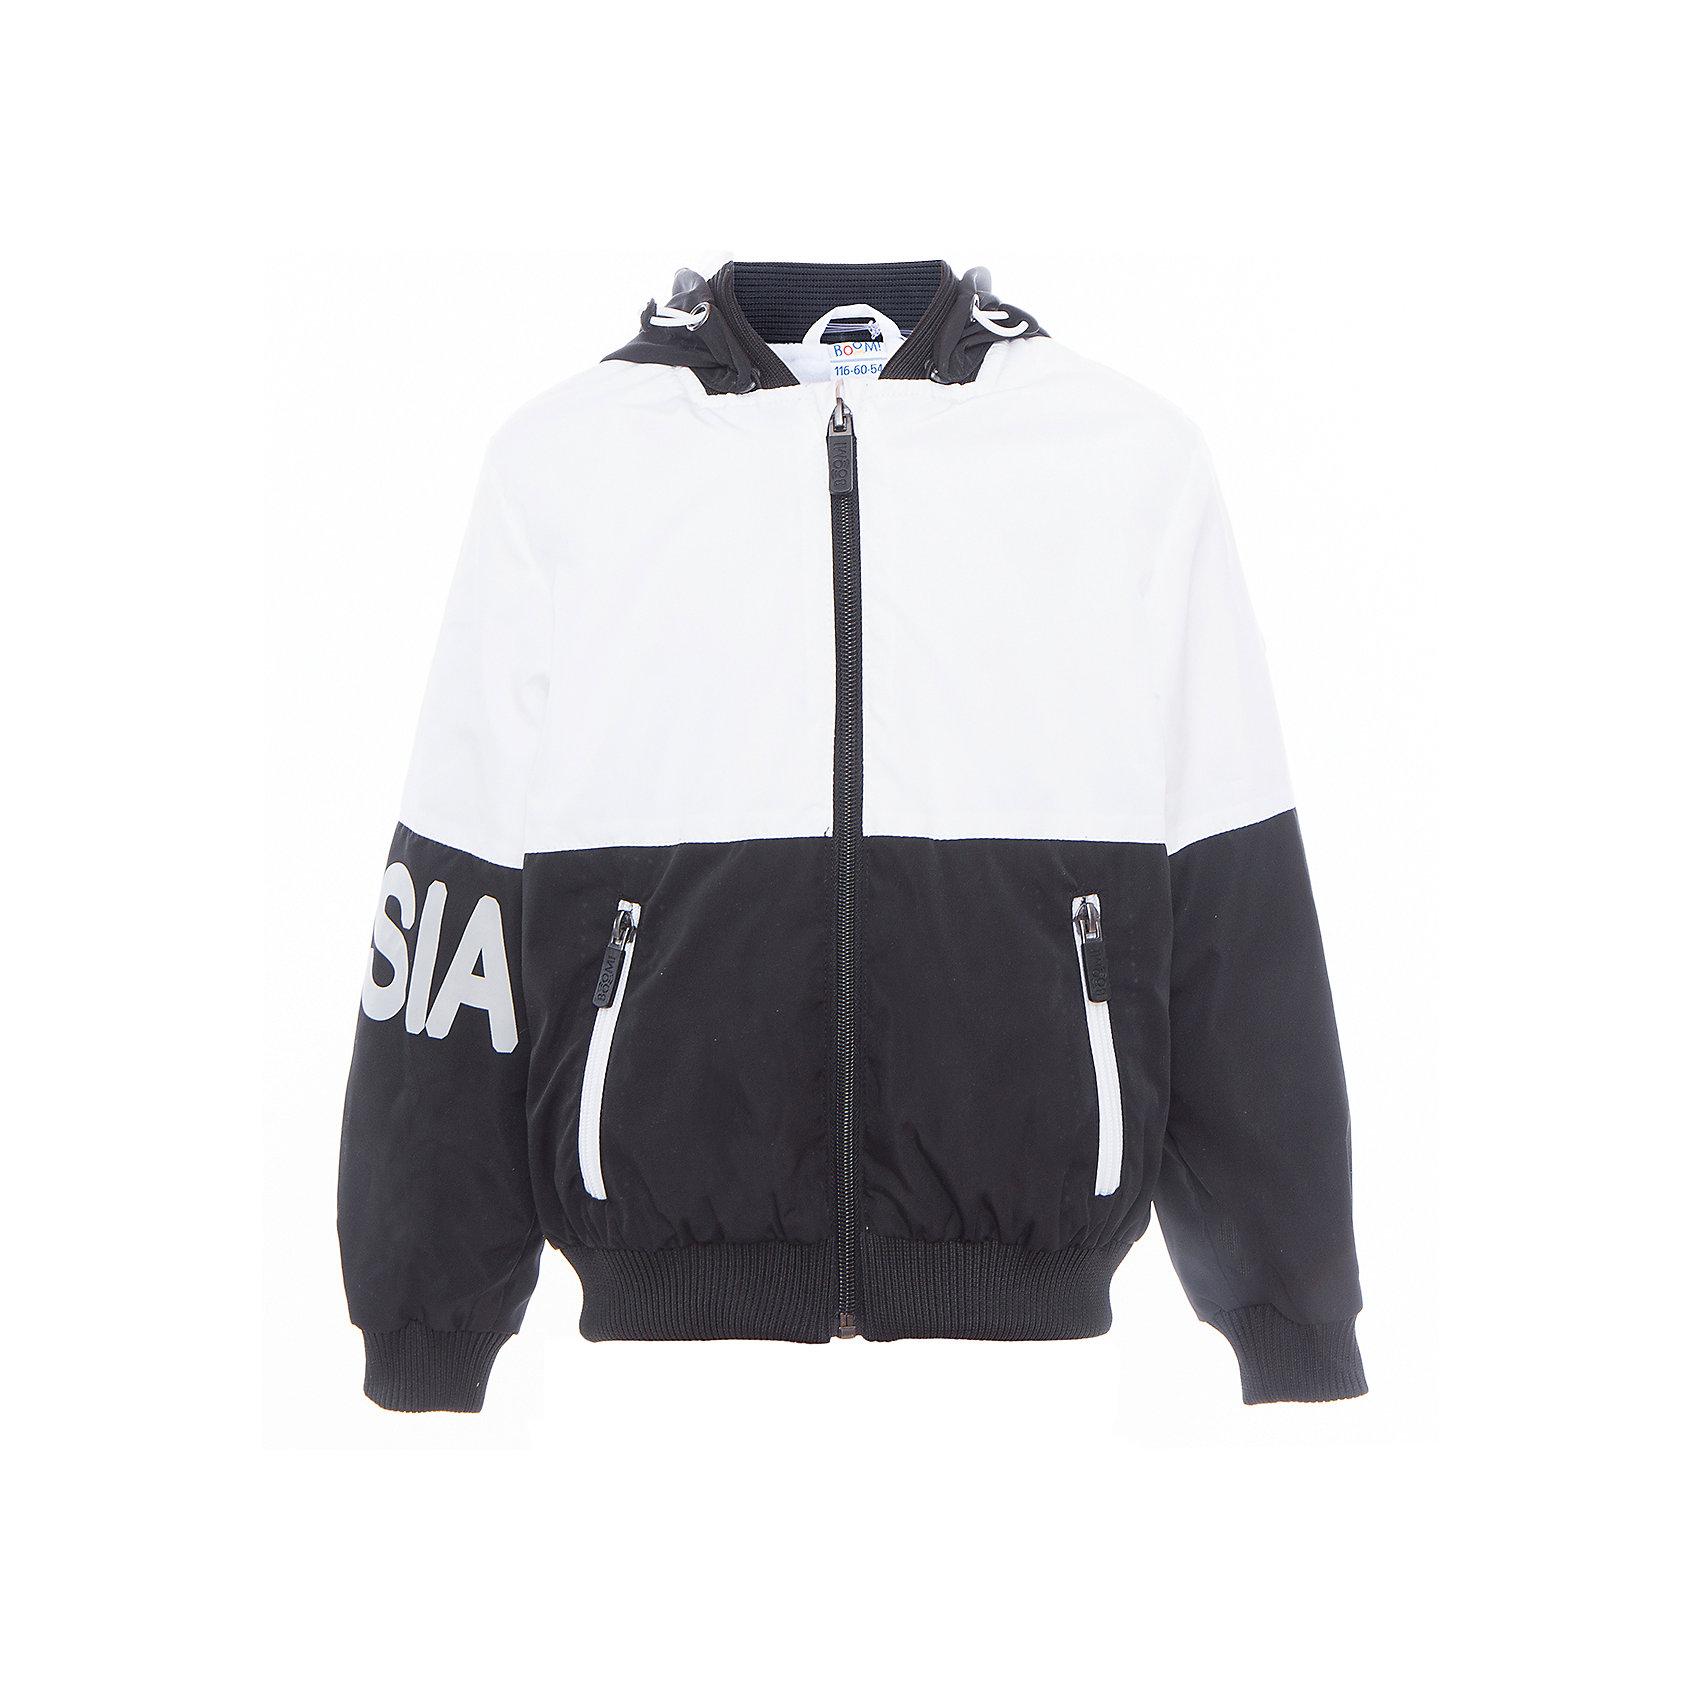 Куртка для мальчика BOOM by OrbyВерхняя одежда<br>Характеристики товара:<br><br>• цвет: чёрный/белый<br>• состав: верх - Pronto pu, подкладка - полиэстер, флис, без утеплителя<br>• температурный режим: от +5°до +15°С<br>• демисезон<br>• капюшон<br>• застежка - молния<br>• эластичные манжеты<br>• принт<br>• карманы<br>• комфортная посадка<br>• страна производства: Российская Федерация<br>• страна бренда: Российская Федерация<br>• коллекция: весна-лето 2017<br><br>Такая куртка - универсальный вариант для теплого межсезонья с постоянно меняющейся погодой. Эта модель - модная и удобная одновременно! Изделие отличается стильным ярким дизайном. Куртка хорошо сидит по фигуре, отлично сочетается с различным низом. Вещь была разработана специально для детей.<br><br>Куртку для мальчика для девочки от бренда BOOM by Orby можно купить в нашем интернет-магазине.<br><br>Ширина мм: 356<br>Глубина мм: 10<br>Высота мм: 245<br>Вес г: 519<br>Цвет: белый<br>Возраст от месяцев: 120<br>Возраст до месяцев: 132<br>Пол: Мужской<br>Возраст: Детский<br>Размер: 146,140,152,158,116,122,128,134<br>SKU: 5342910